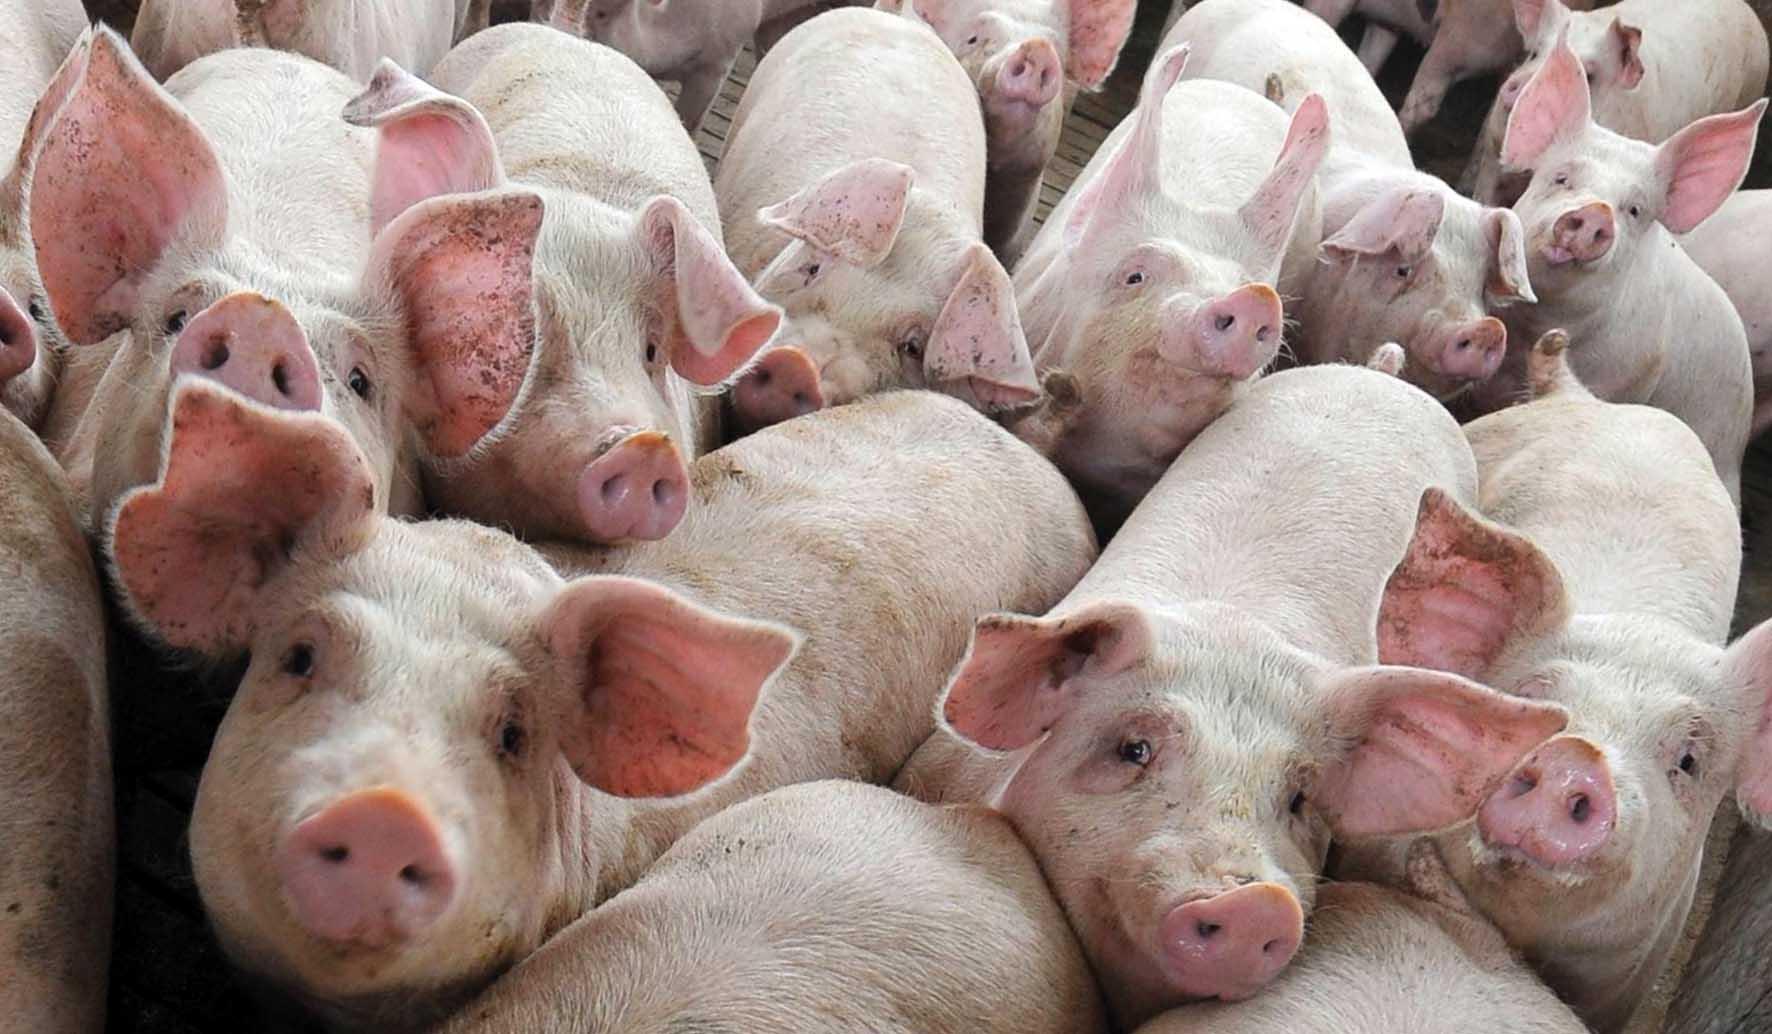 peste suina cina antibiotici allevamento-suini maiali-eurocarne 1